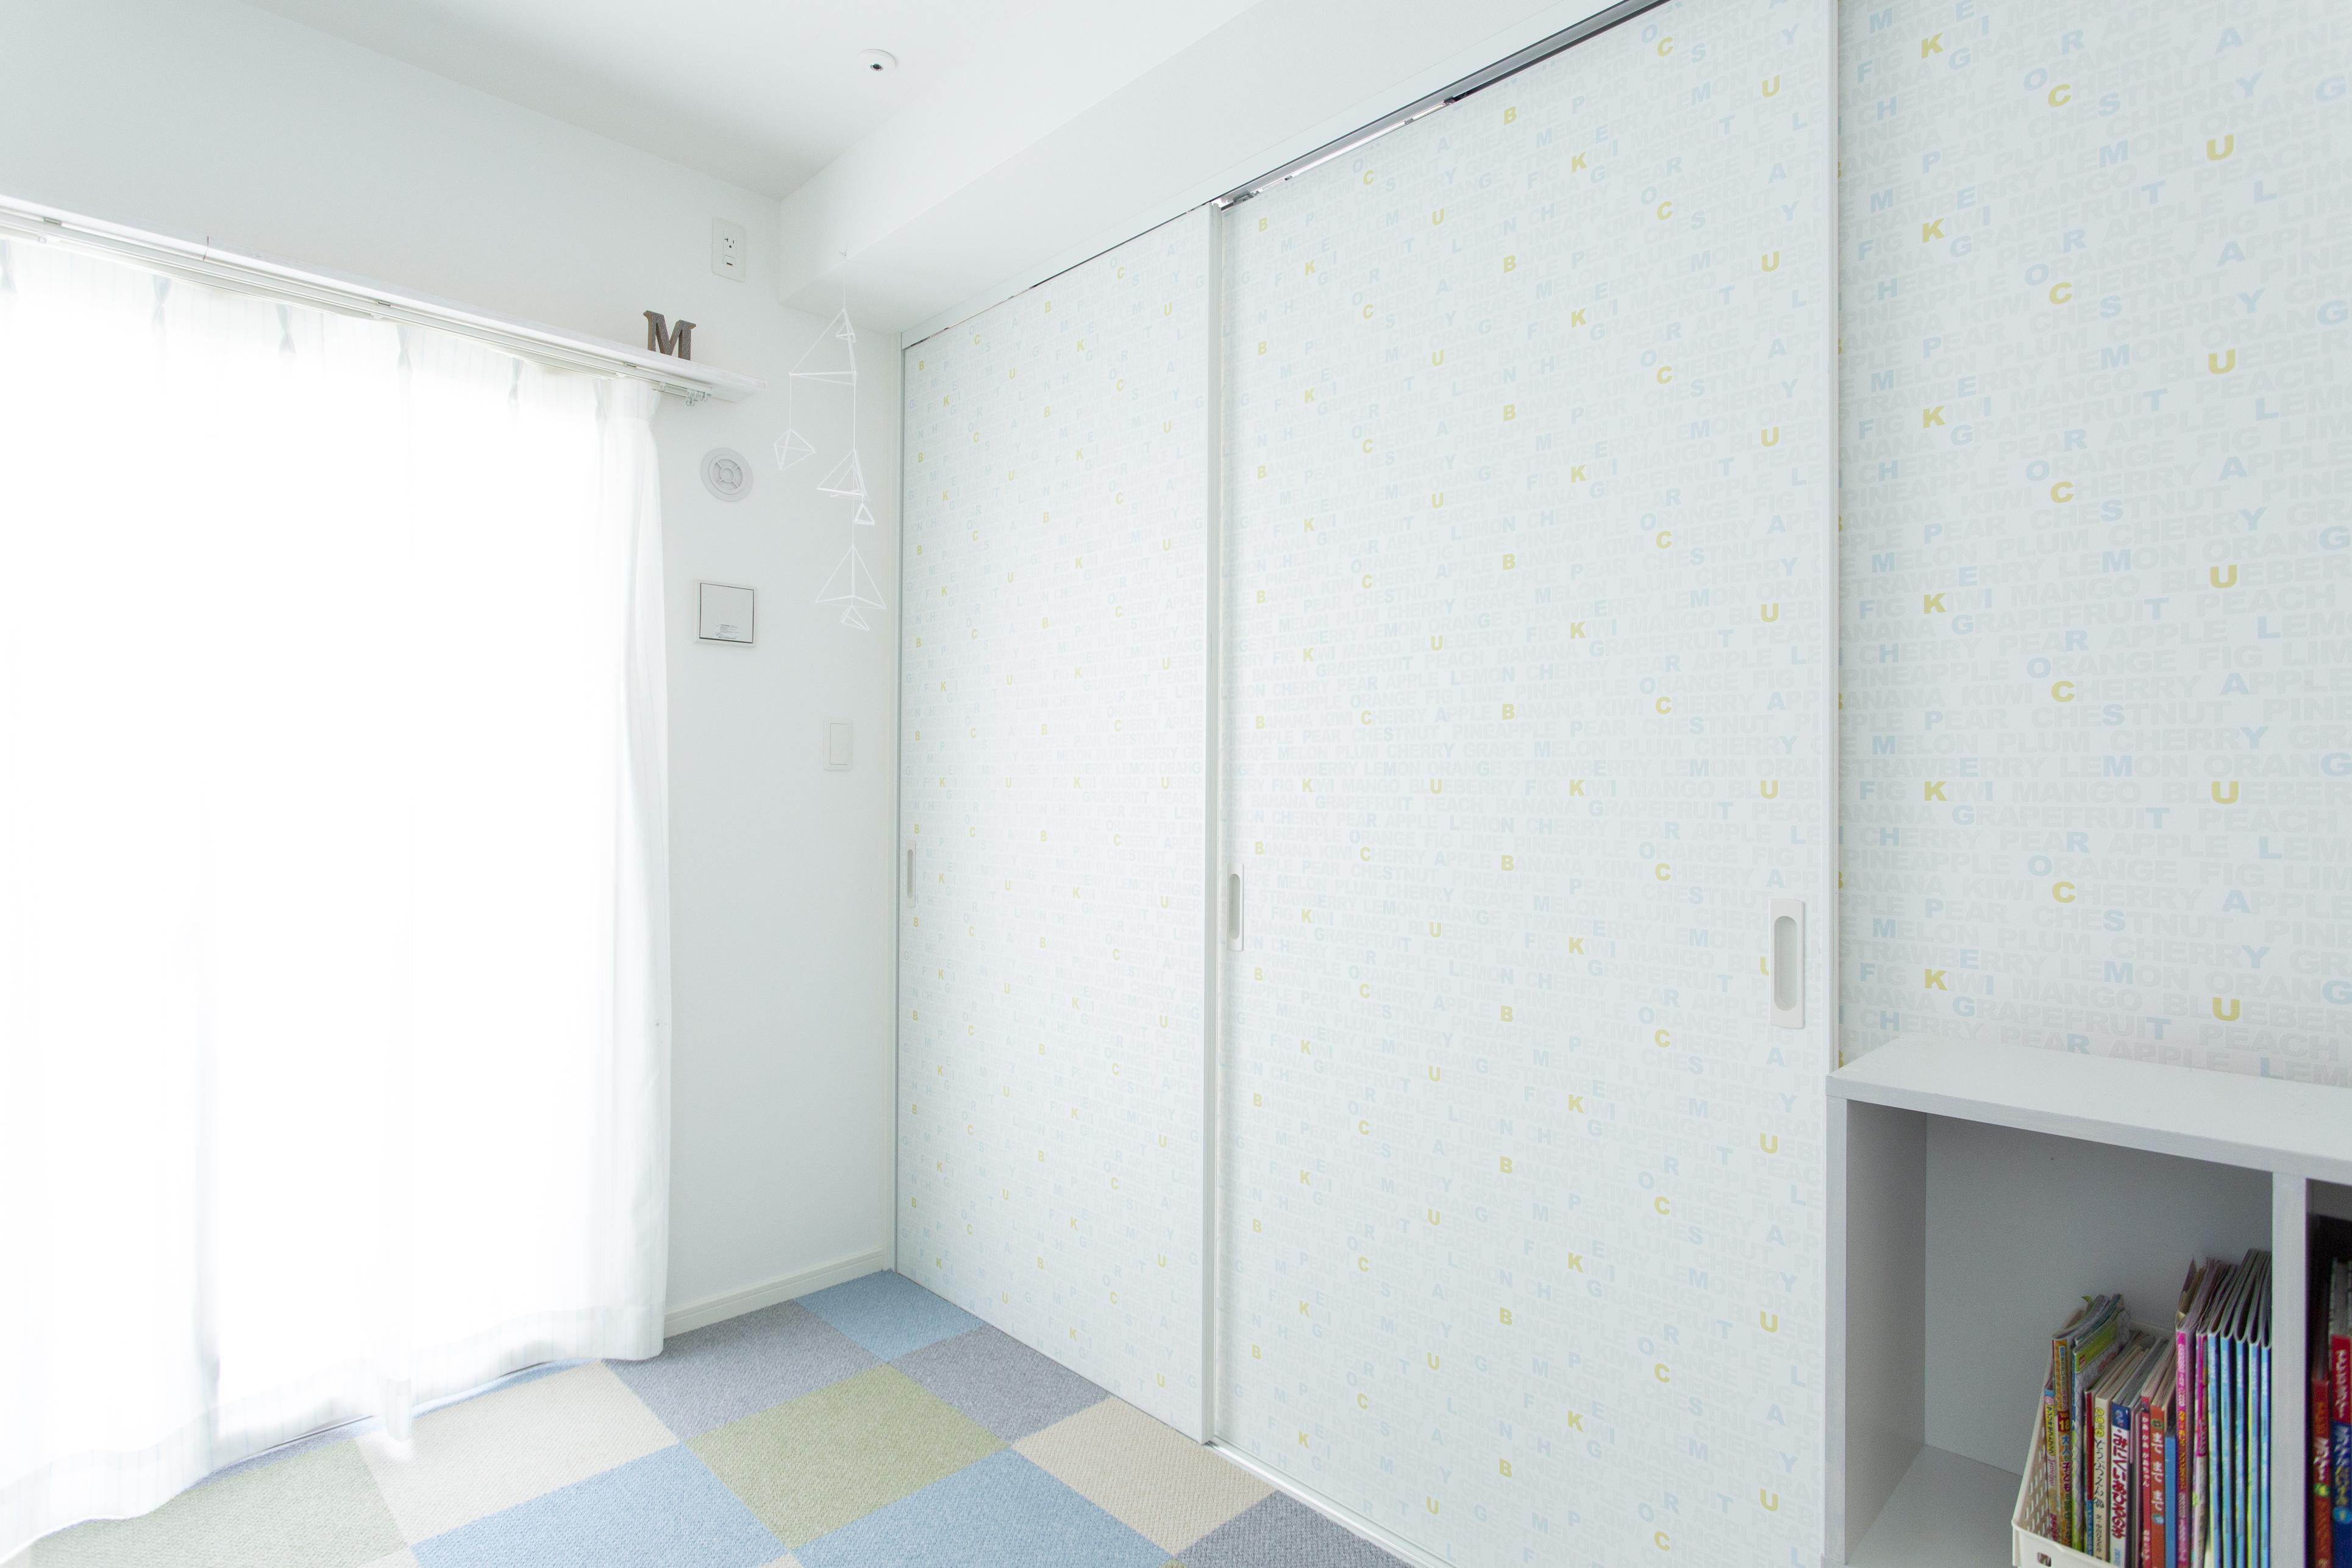 ドアに壁紙を貼ったらこんなに変わった 壁 床だけじゃない ドア